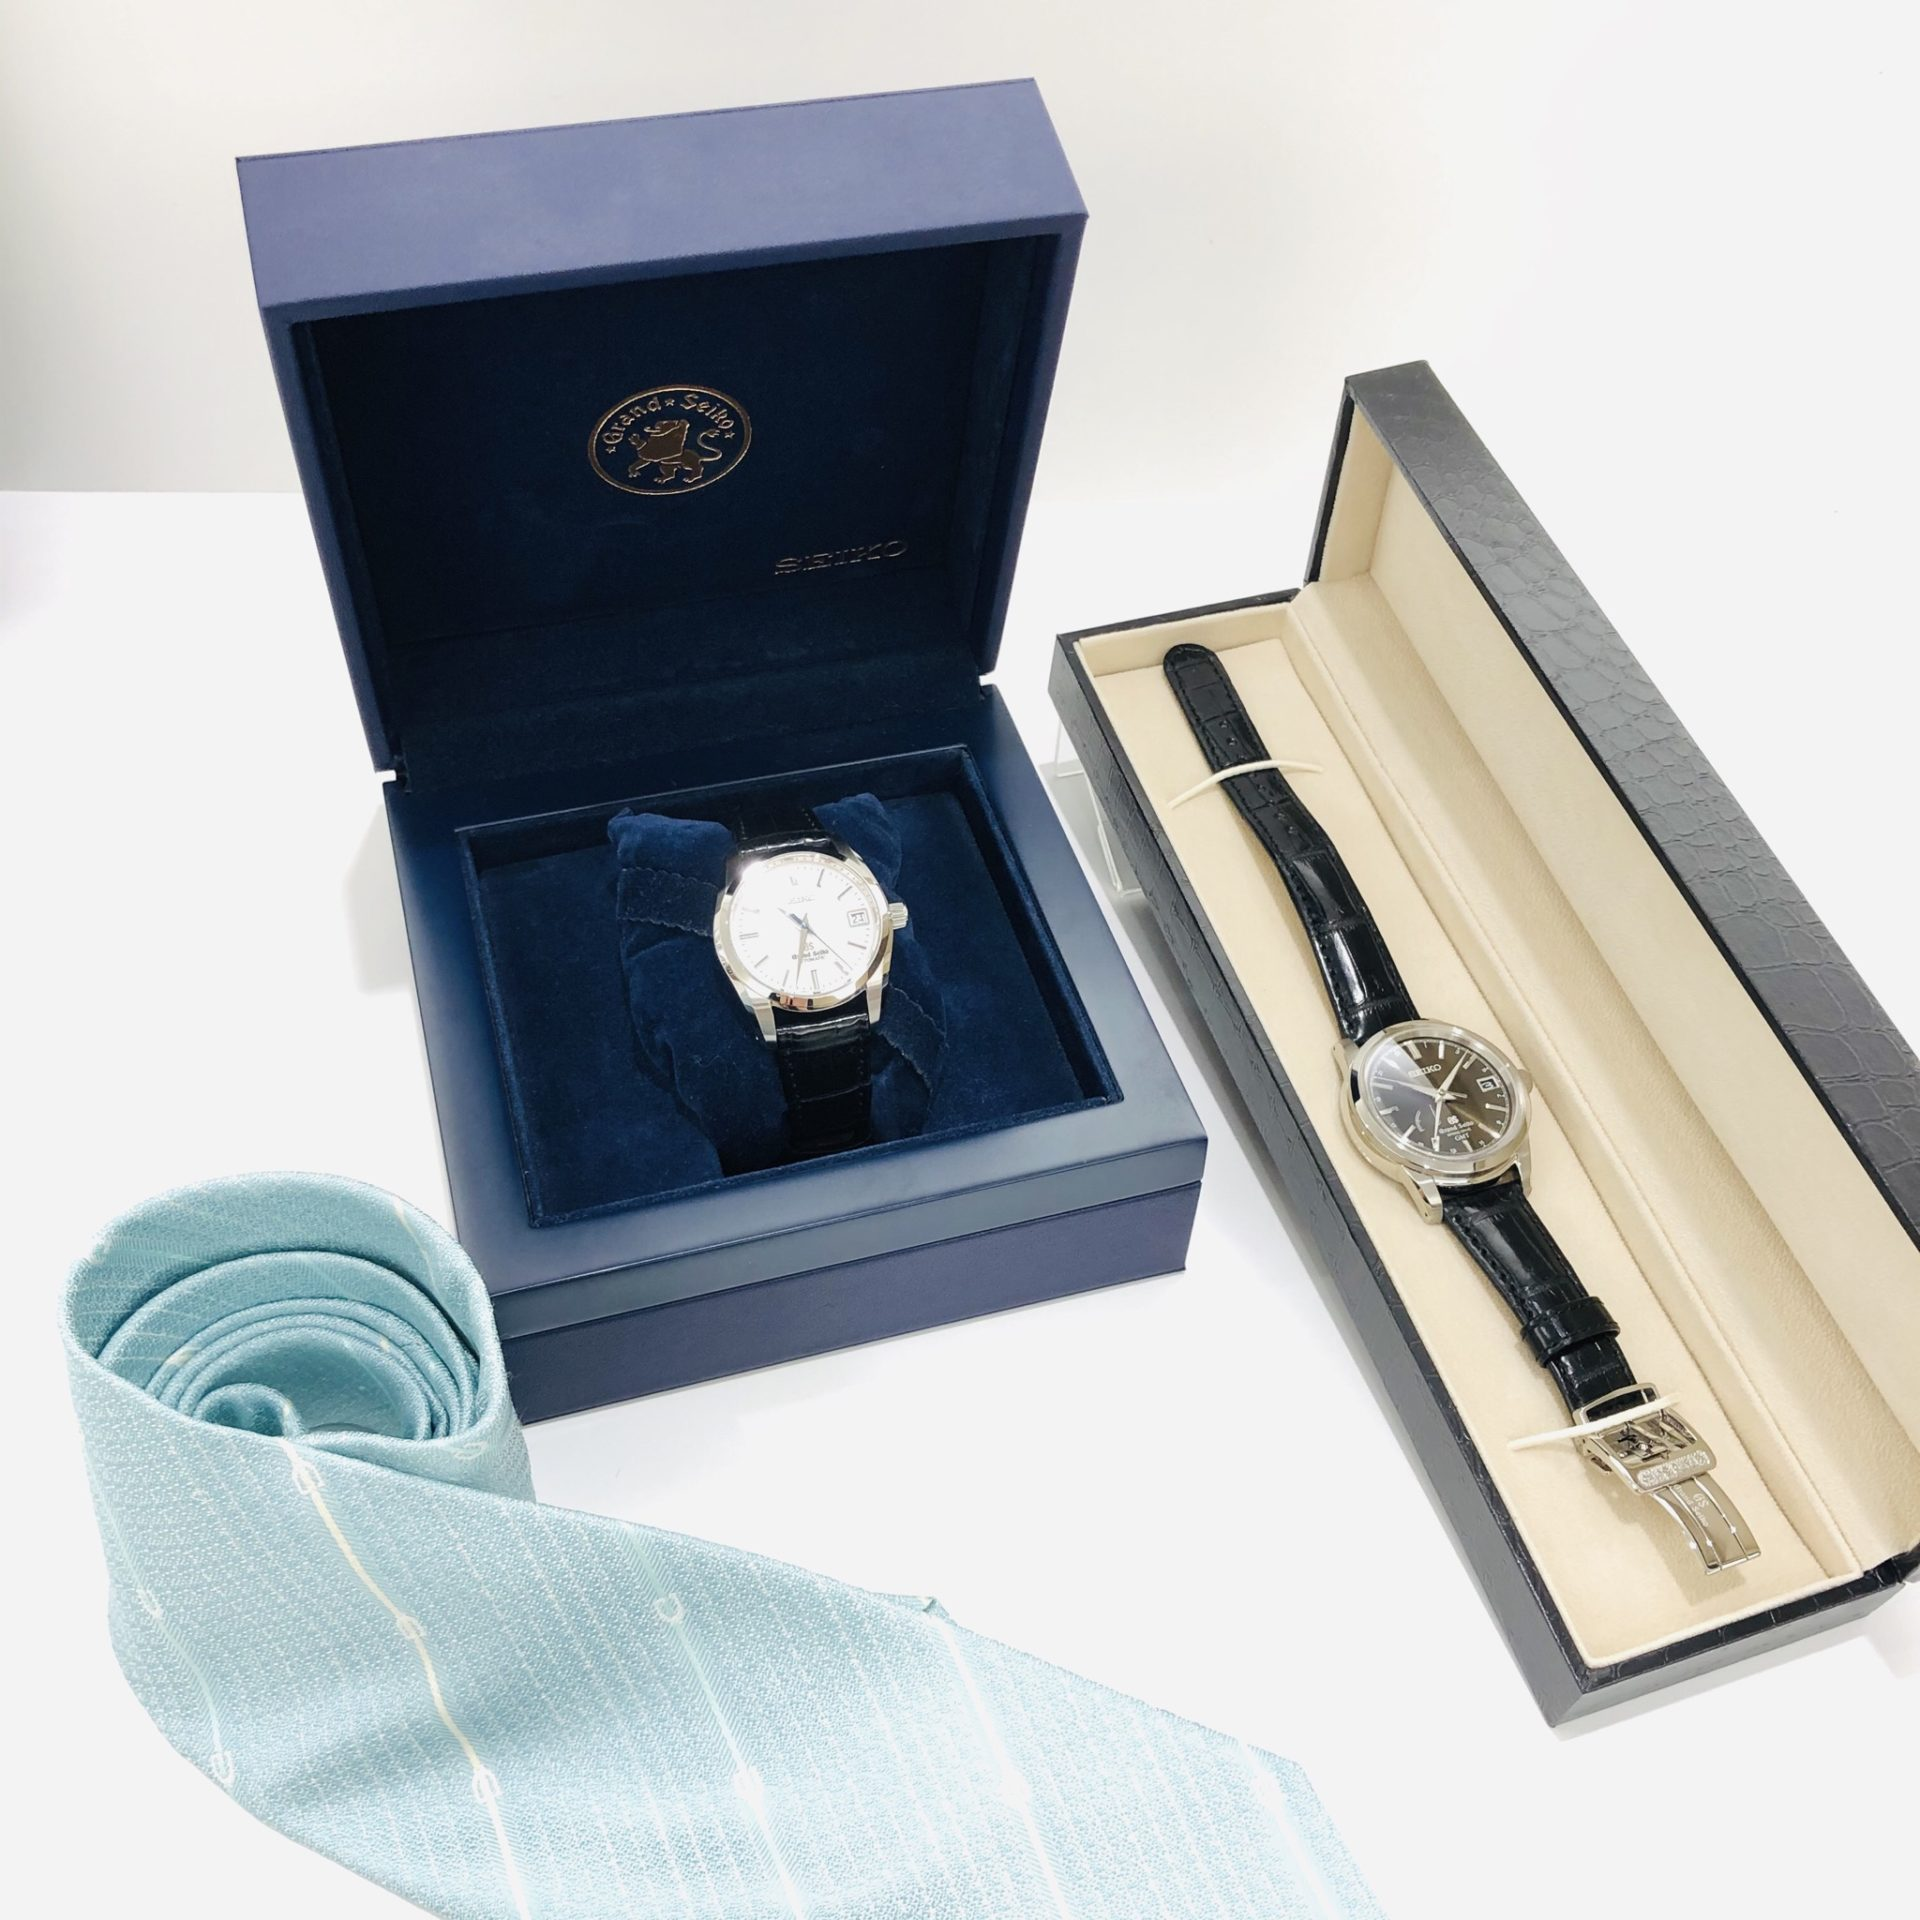 【盛岡 時計 販売】『父の日』のギフトや記念品にグランドセイコー